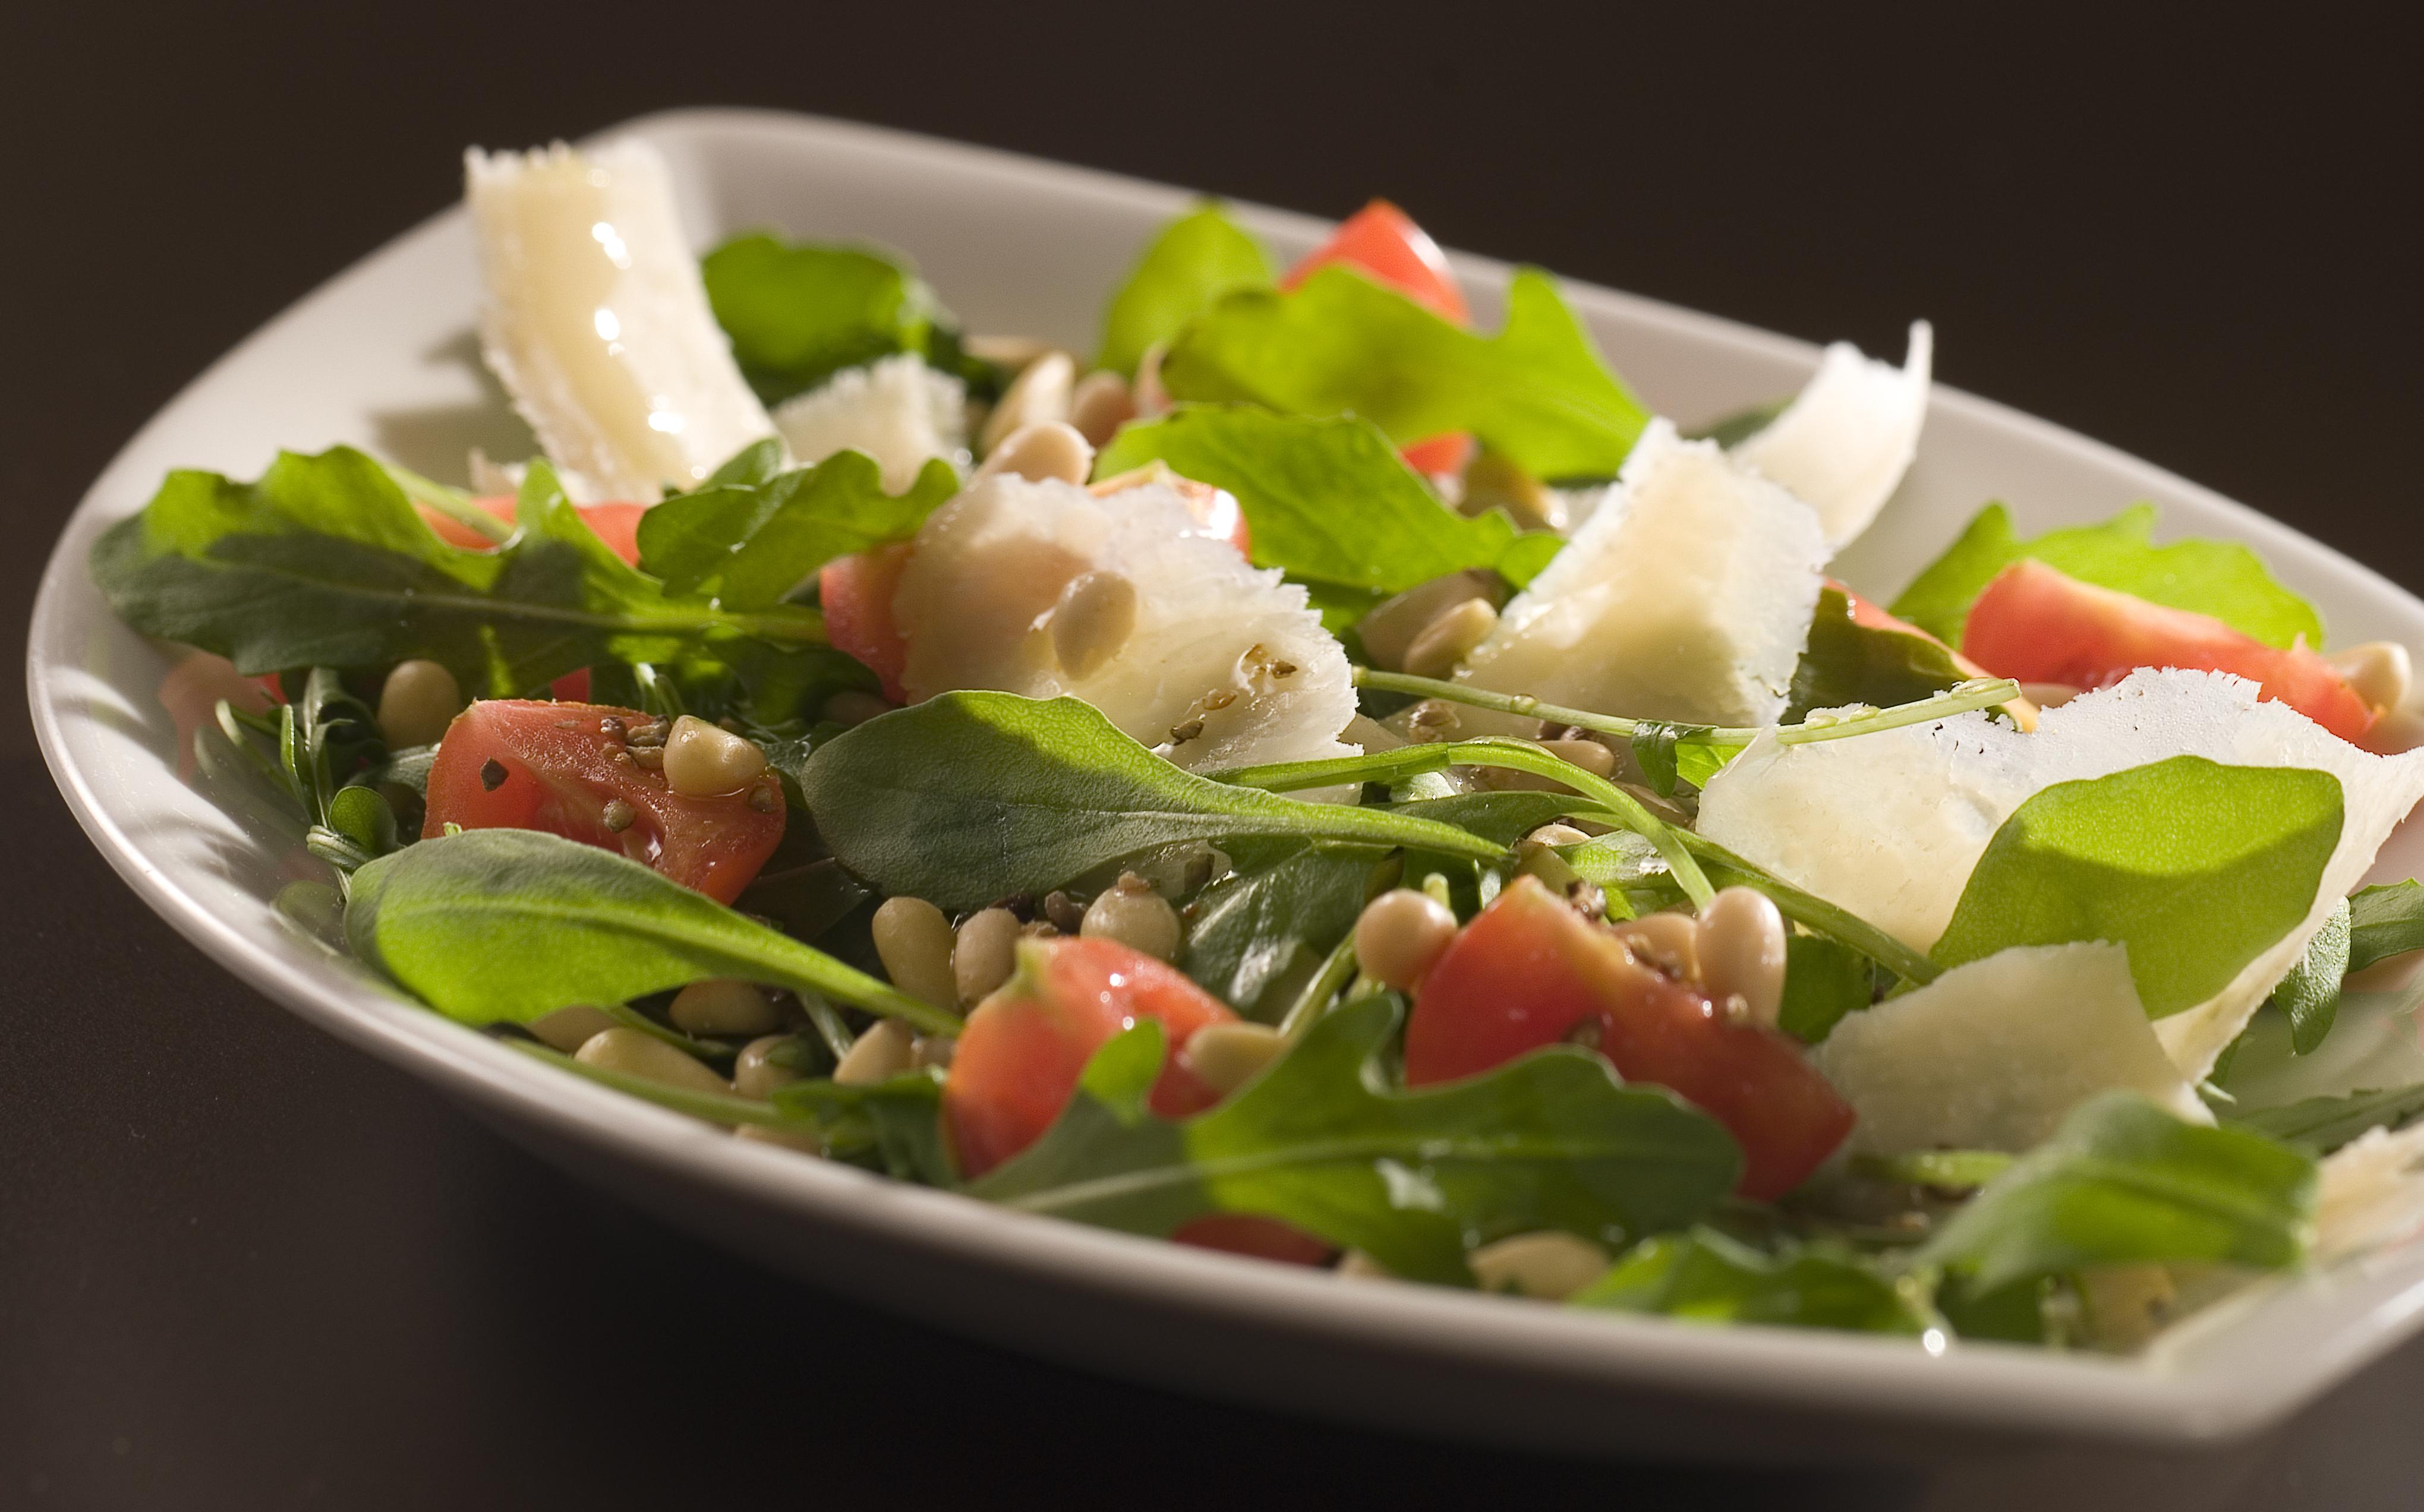 salade francesca